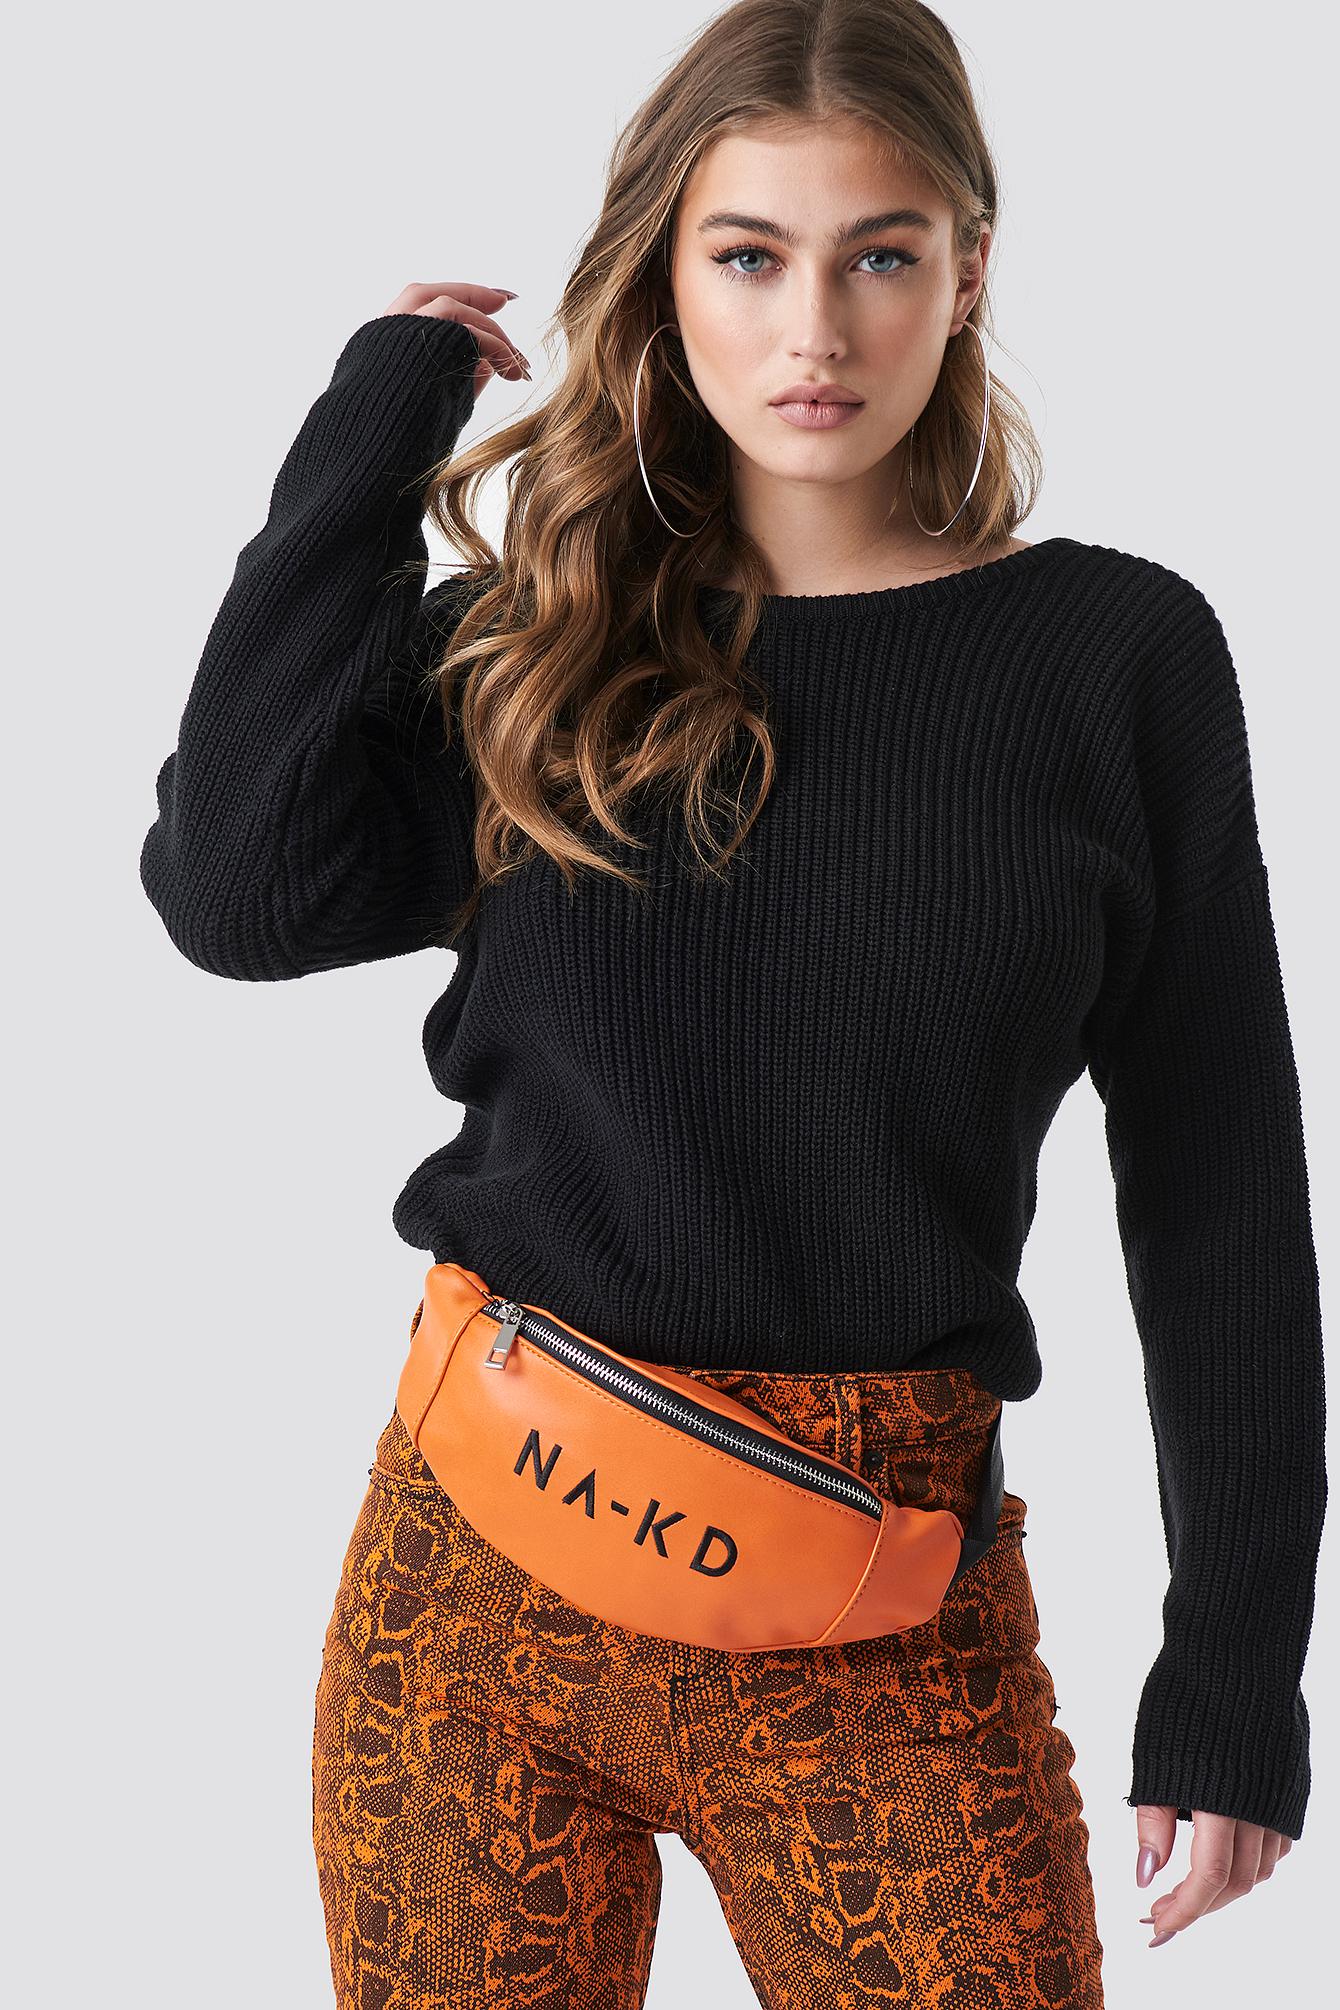 na-kd accessories -  NA-KD Basic Bum Bag - Orange